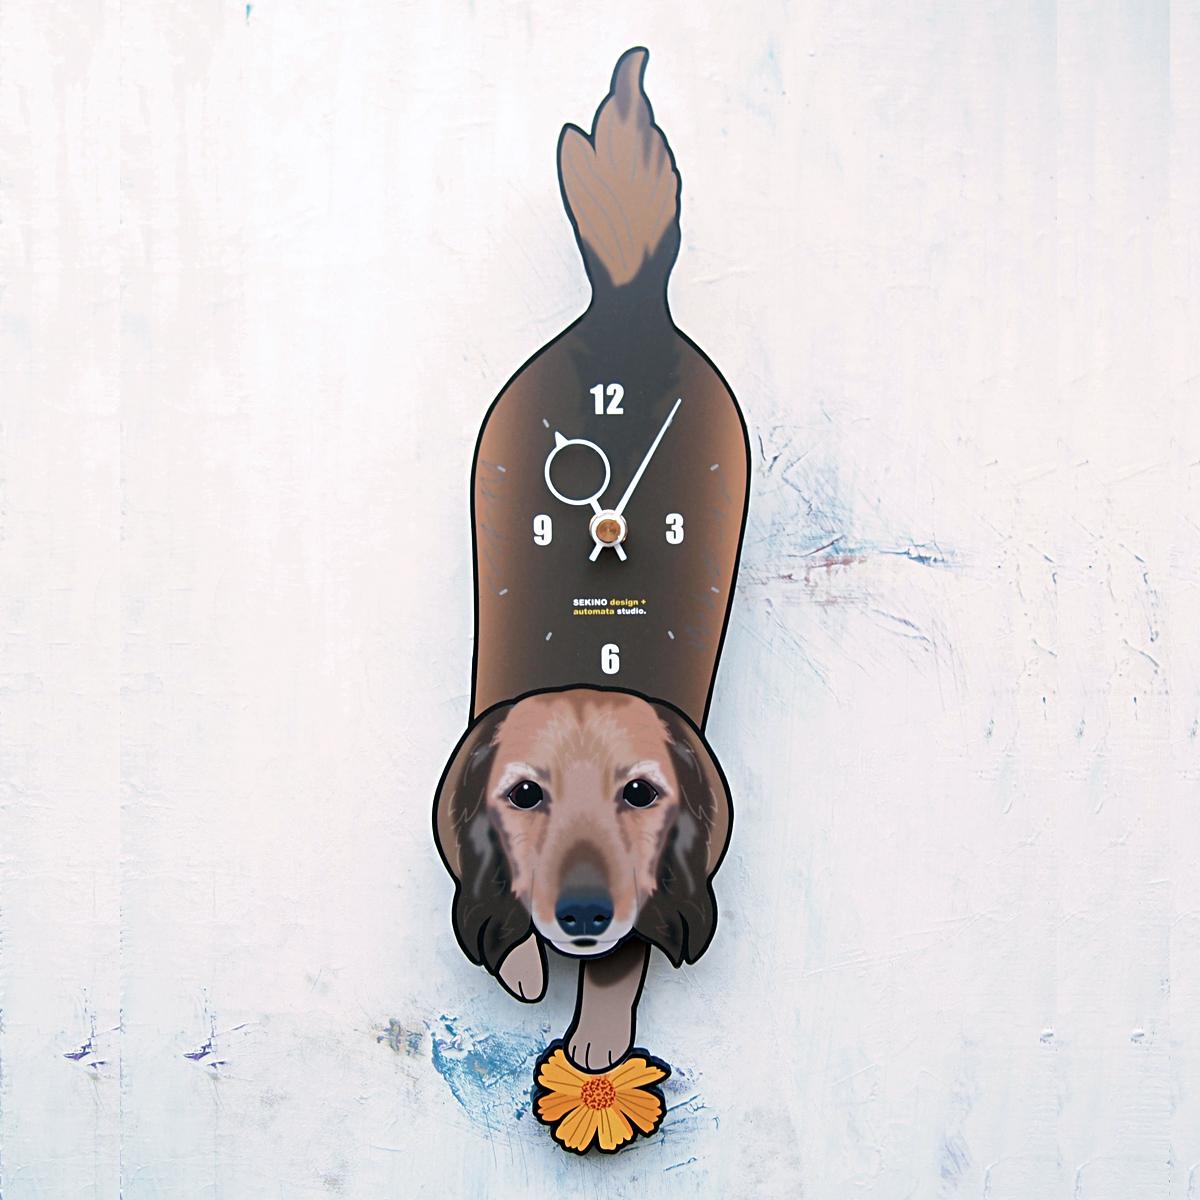 選択 手の部分が振り子になった壁掛け用時計 配送員設置送料無料 ふるさと納税 D-81 ロング ミニチュアダックス -犬の振り子時計